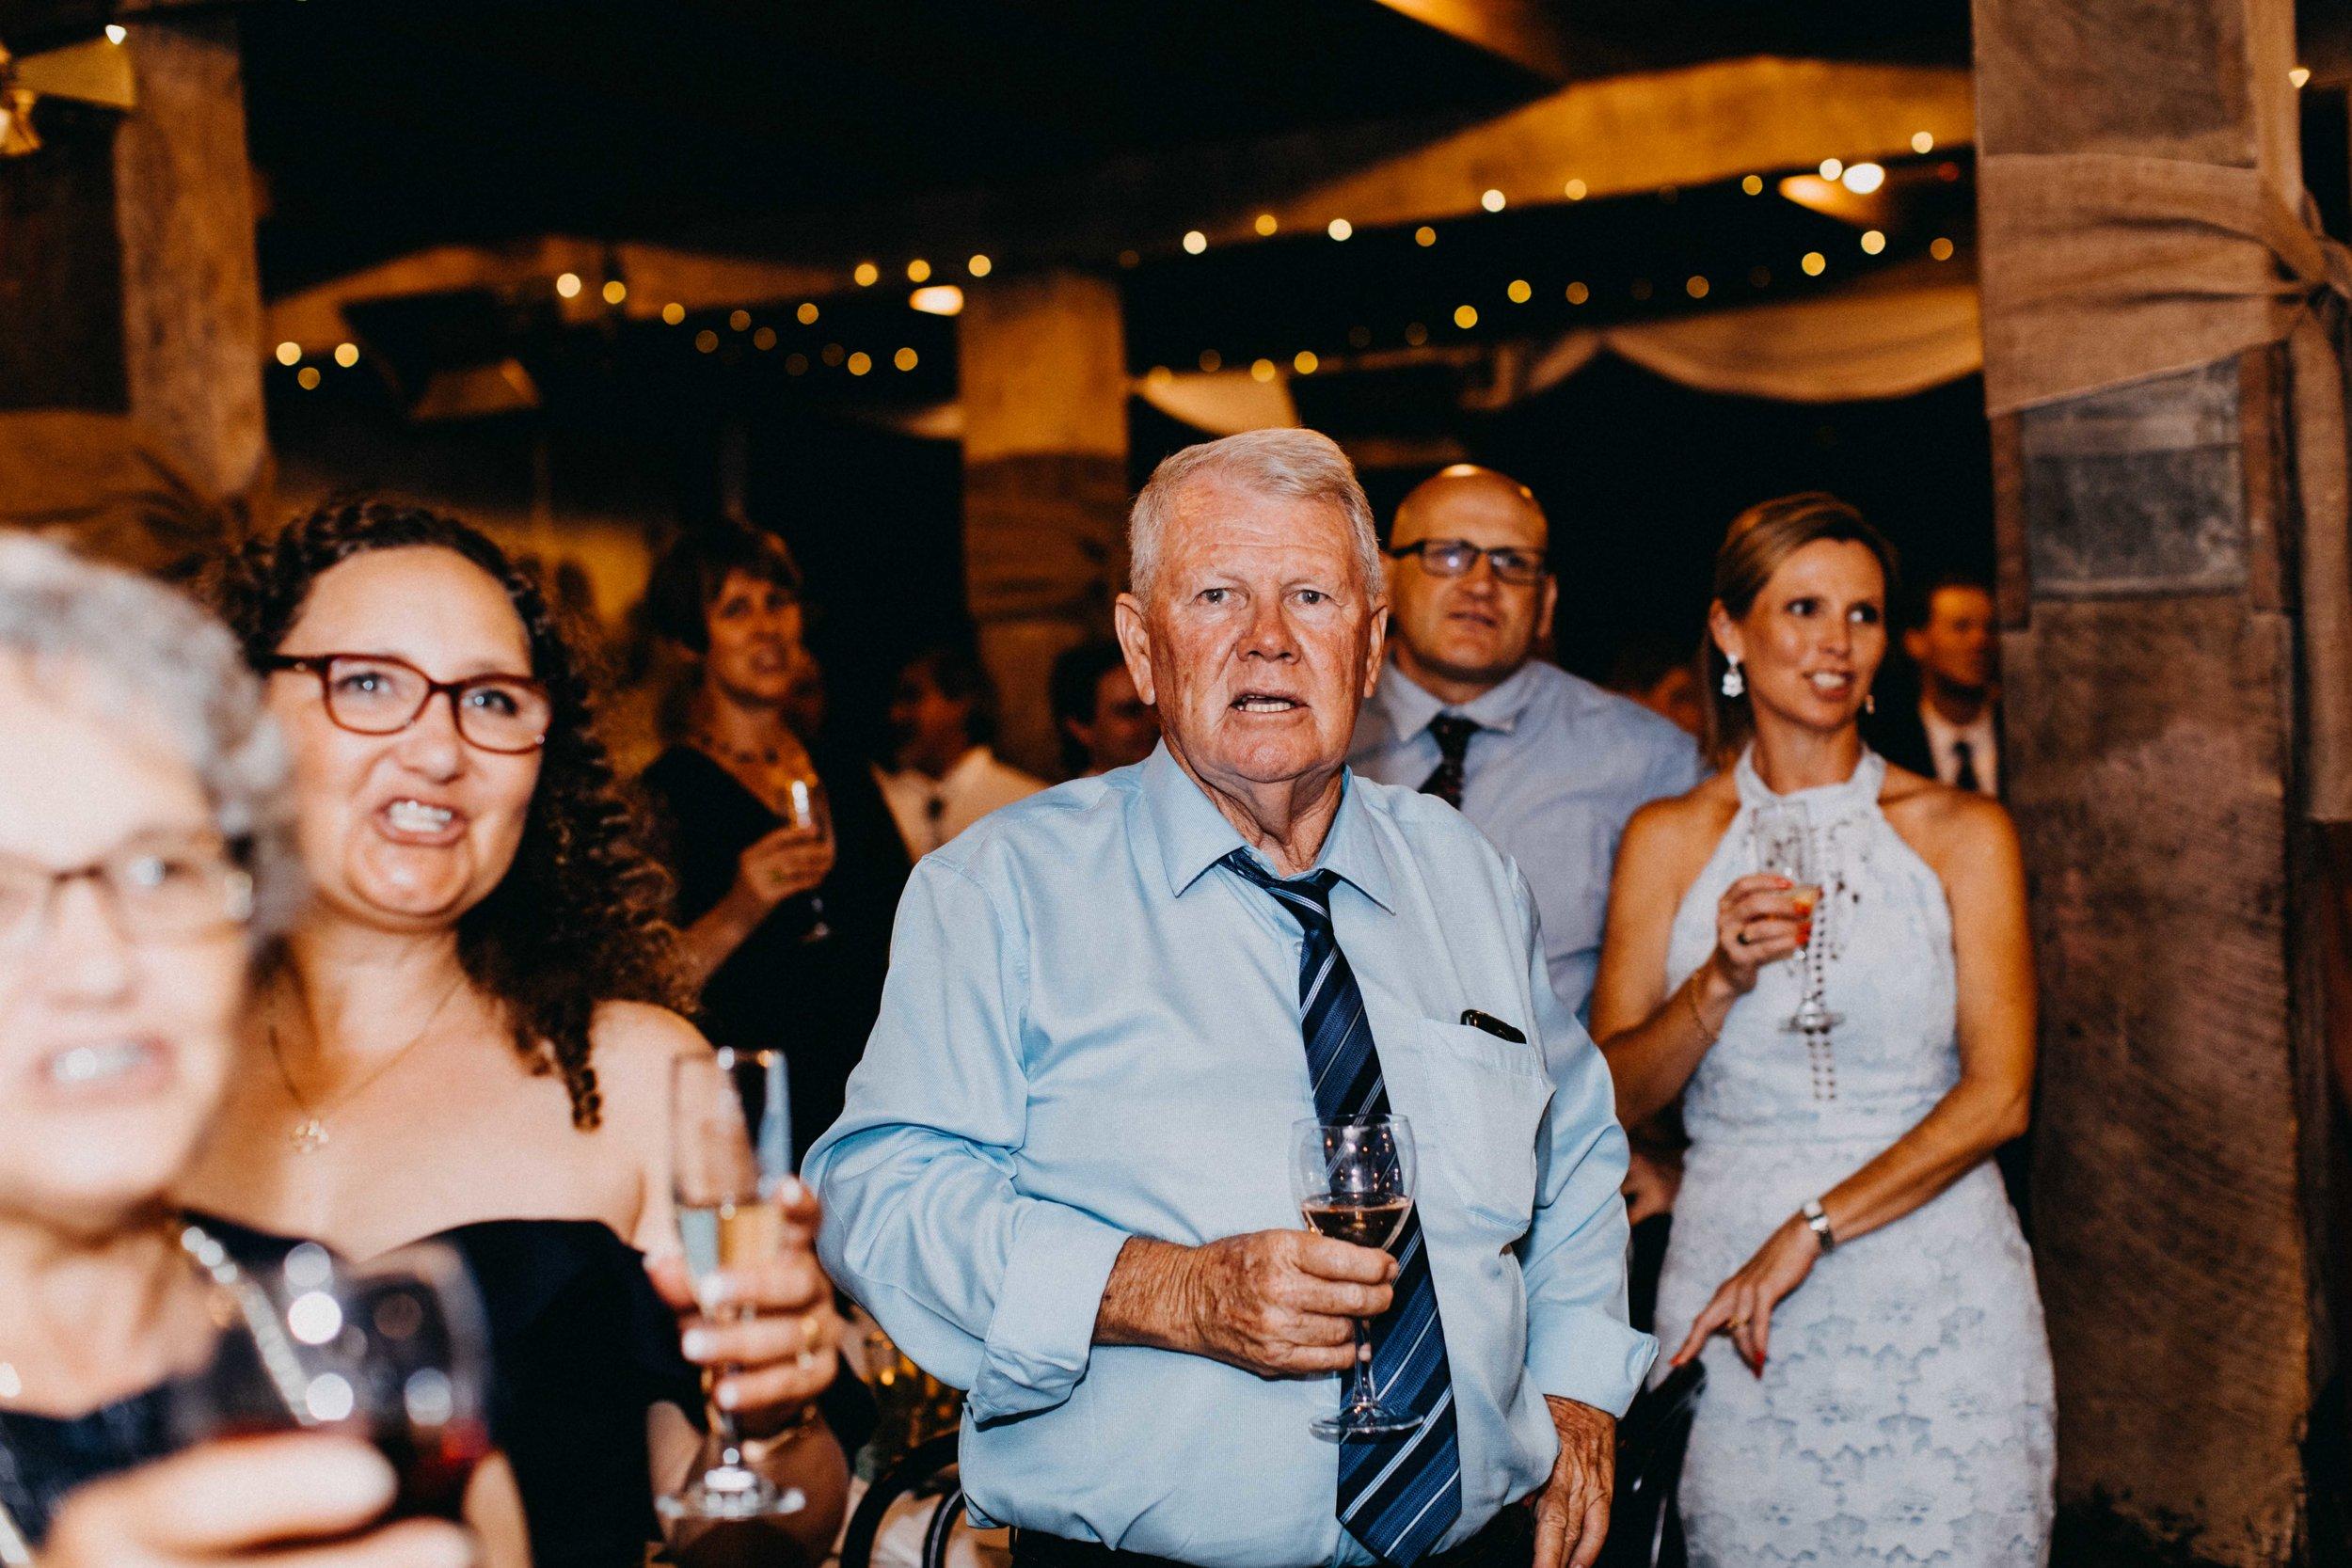 www.emilyobrienphotography.net-belgenny-farm-wedding-camden-photography-maddie-andrzej-182.jpg